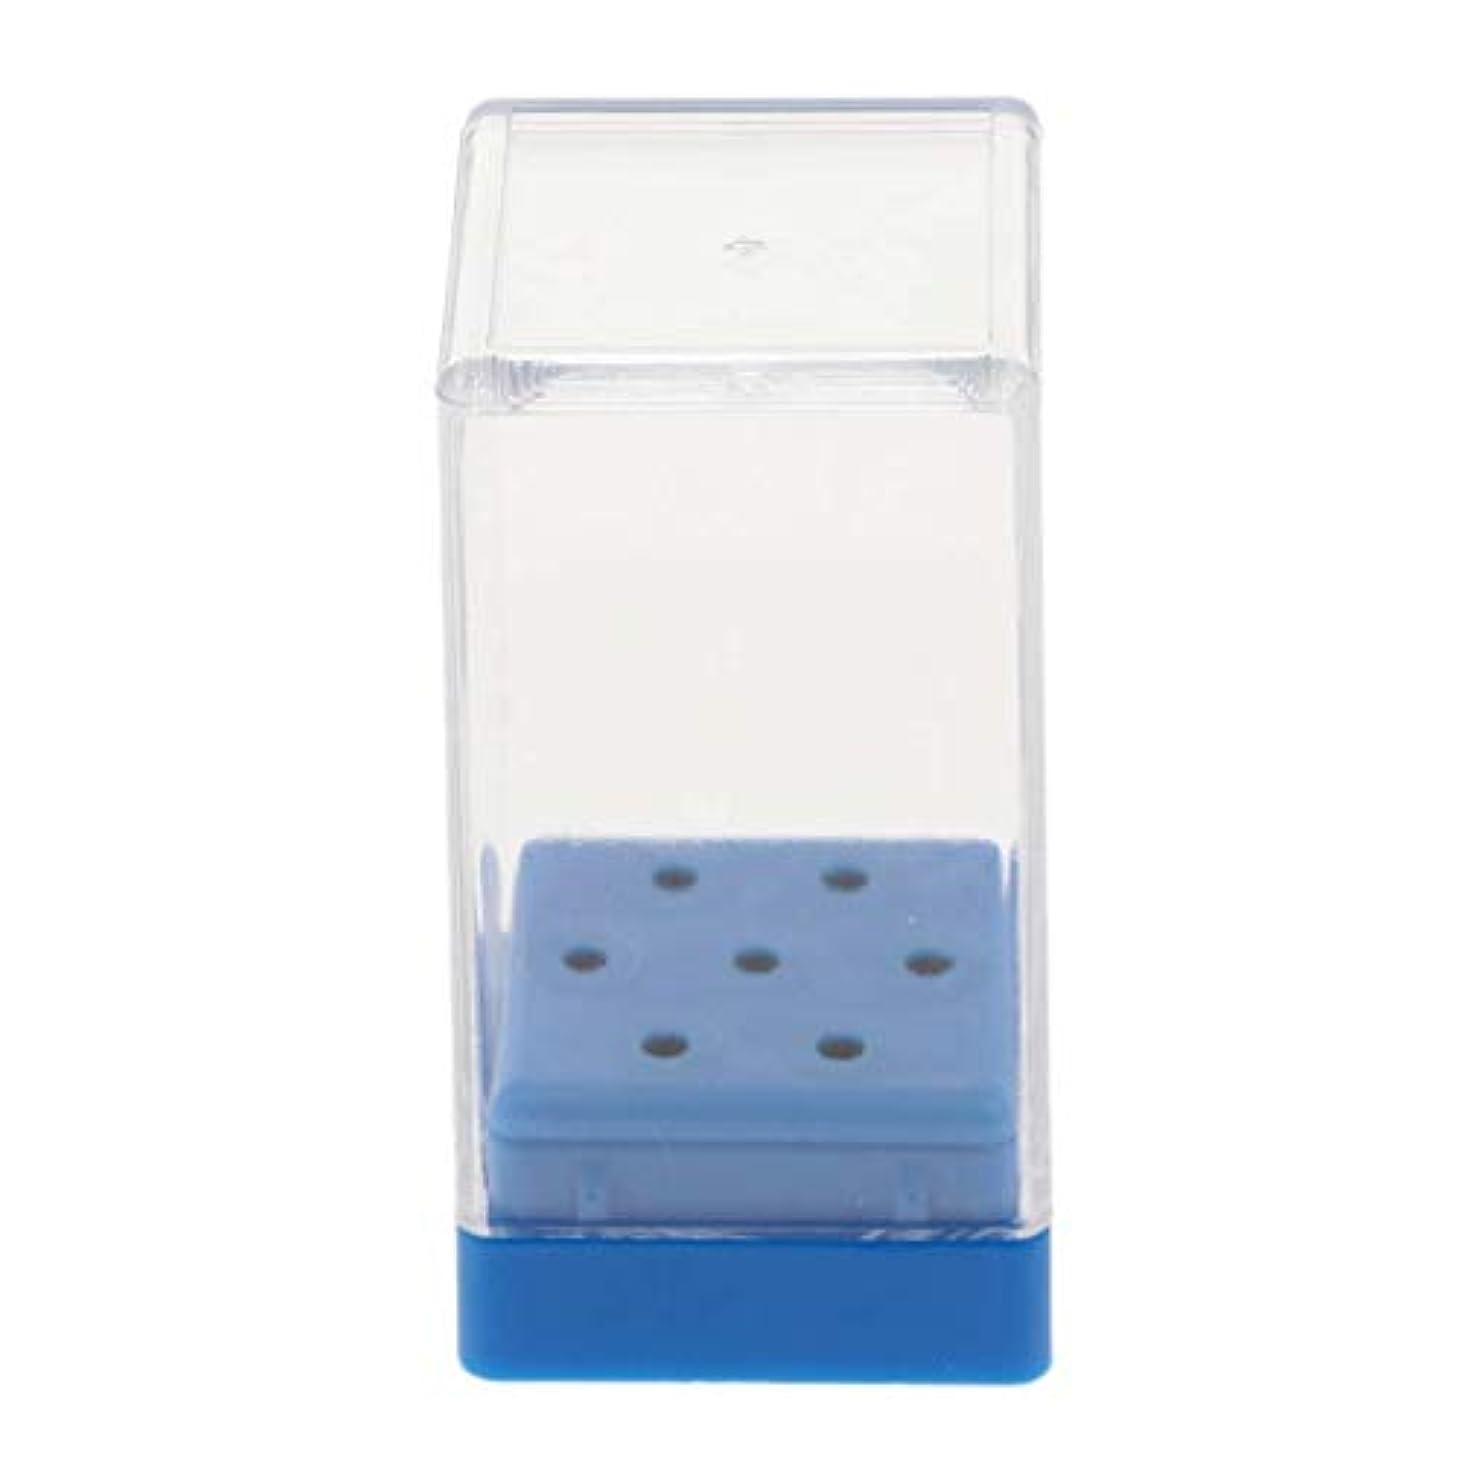 天皇ティーム承認P Prettyia ネイルドリルビットホルダー カバー付き 7穴 ネイルドリル 収納 穴あけ工具収納 ABS素材 全3色 - ブルー